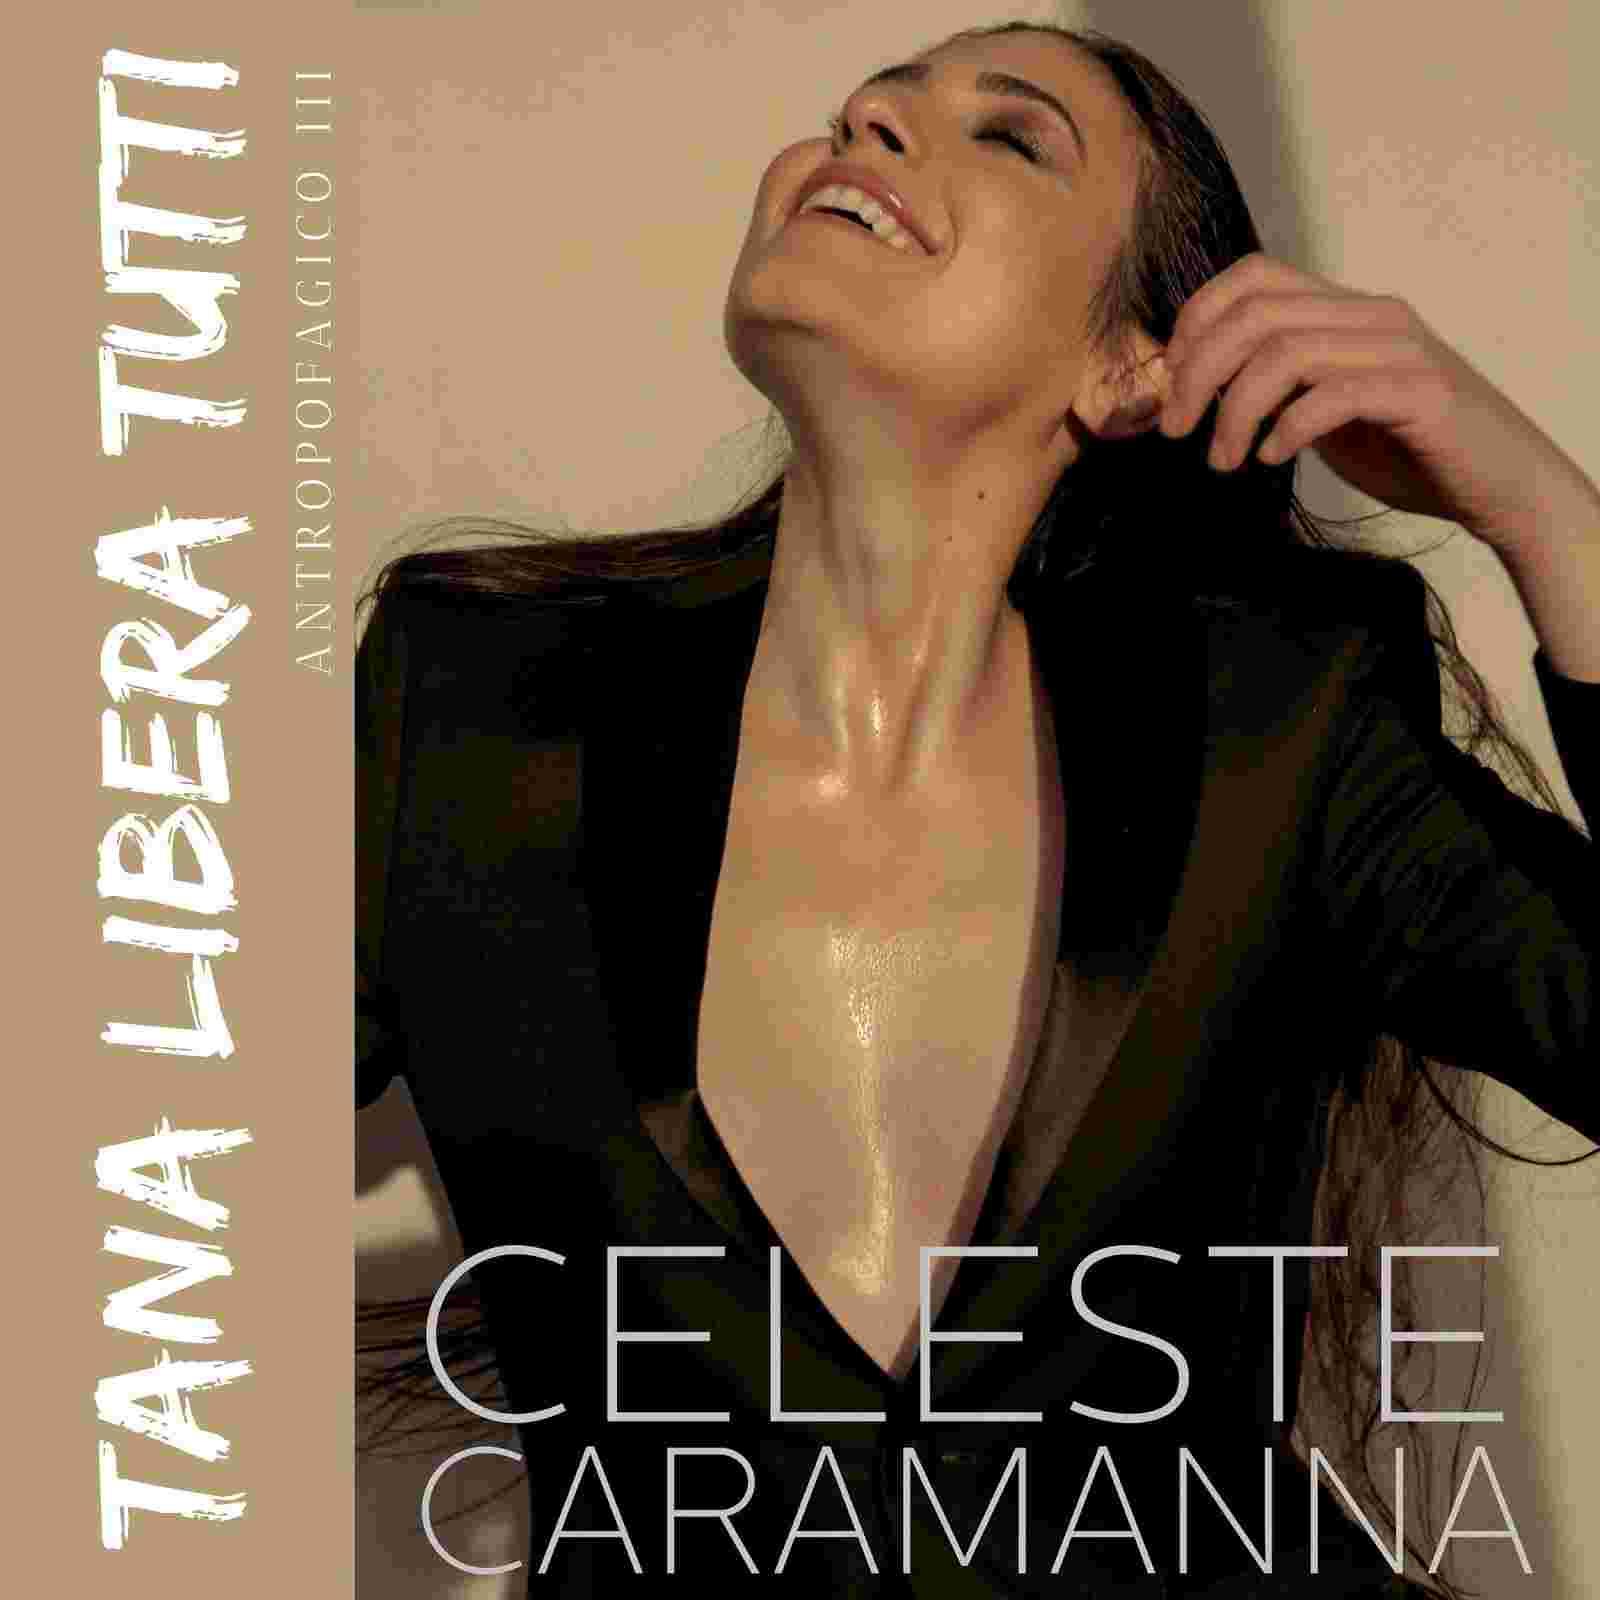 """Celeste Caramanna: """"Tana libera tutti"""" il brano, cantato in italiano, è l'ultimo estratto da Antropofagico III"""""""